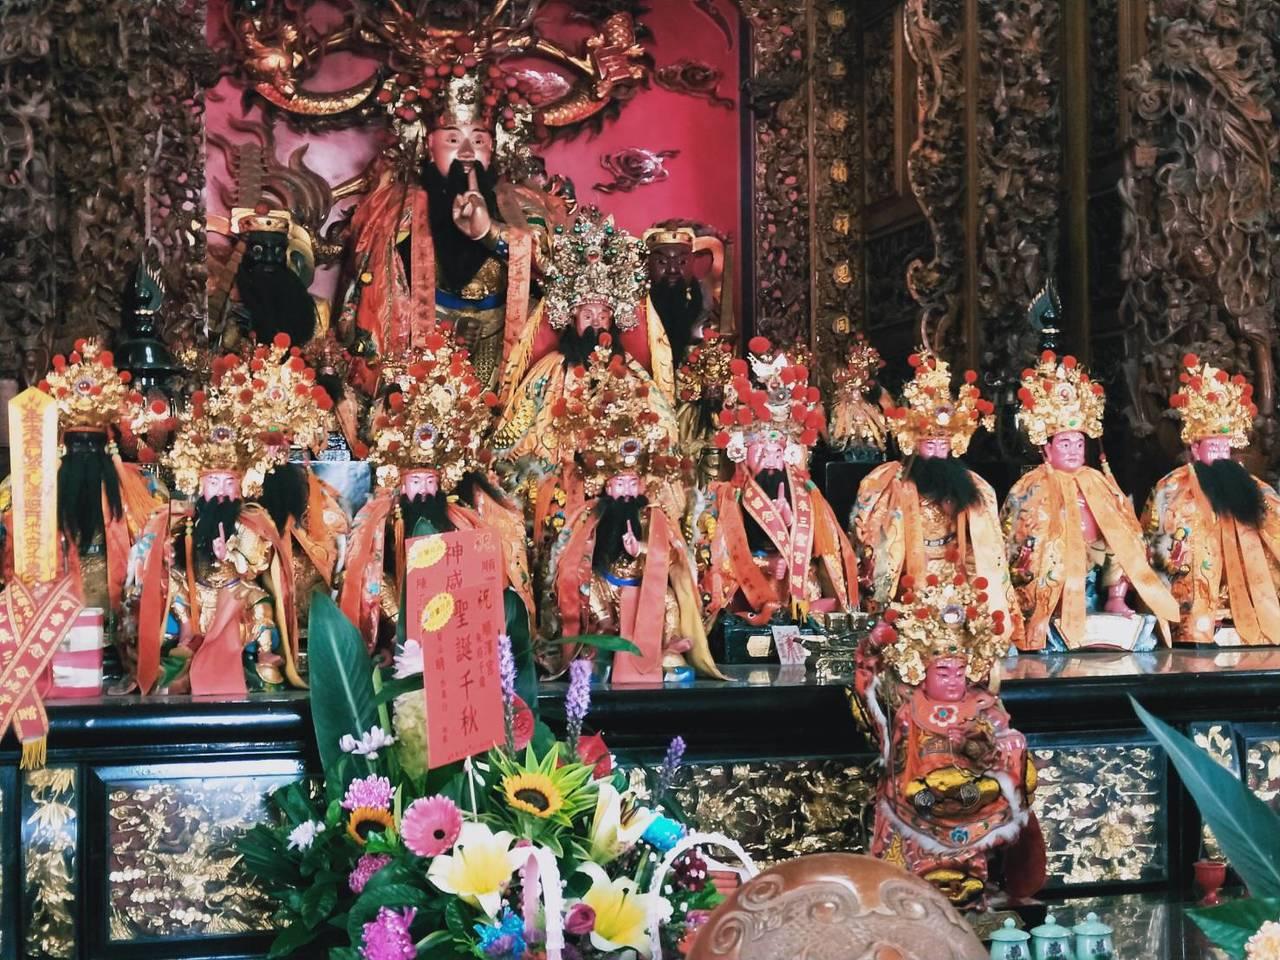 埔鹽順澤宮供奉1尊不多見的泥塑的玄天上帝,傳說非常靈驗。記者何烱榮/攝影